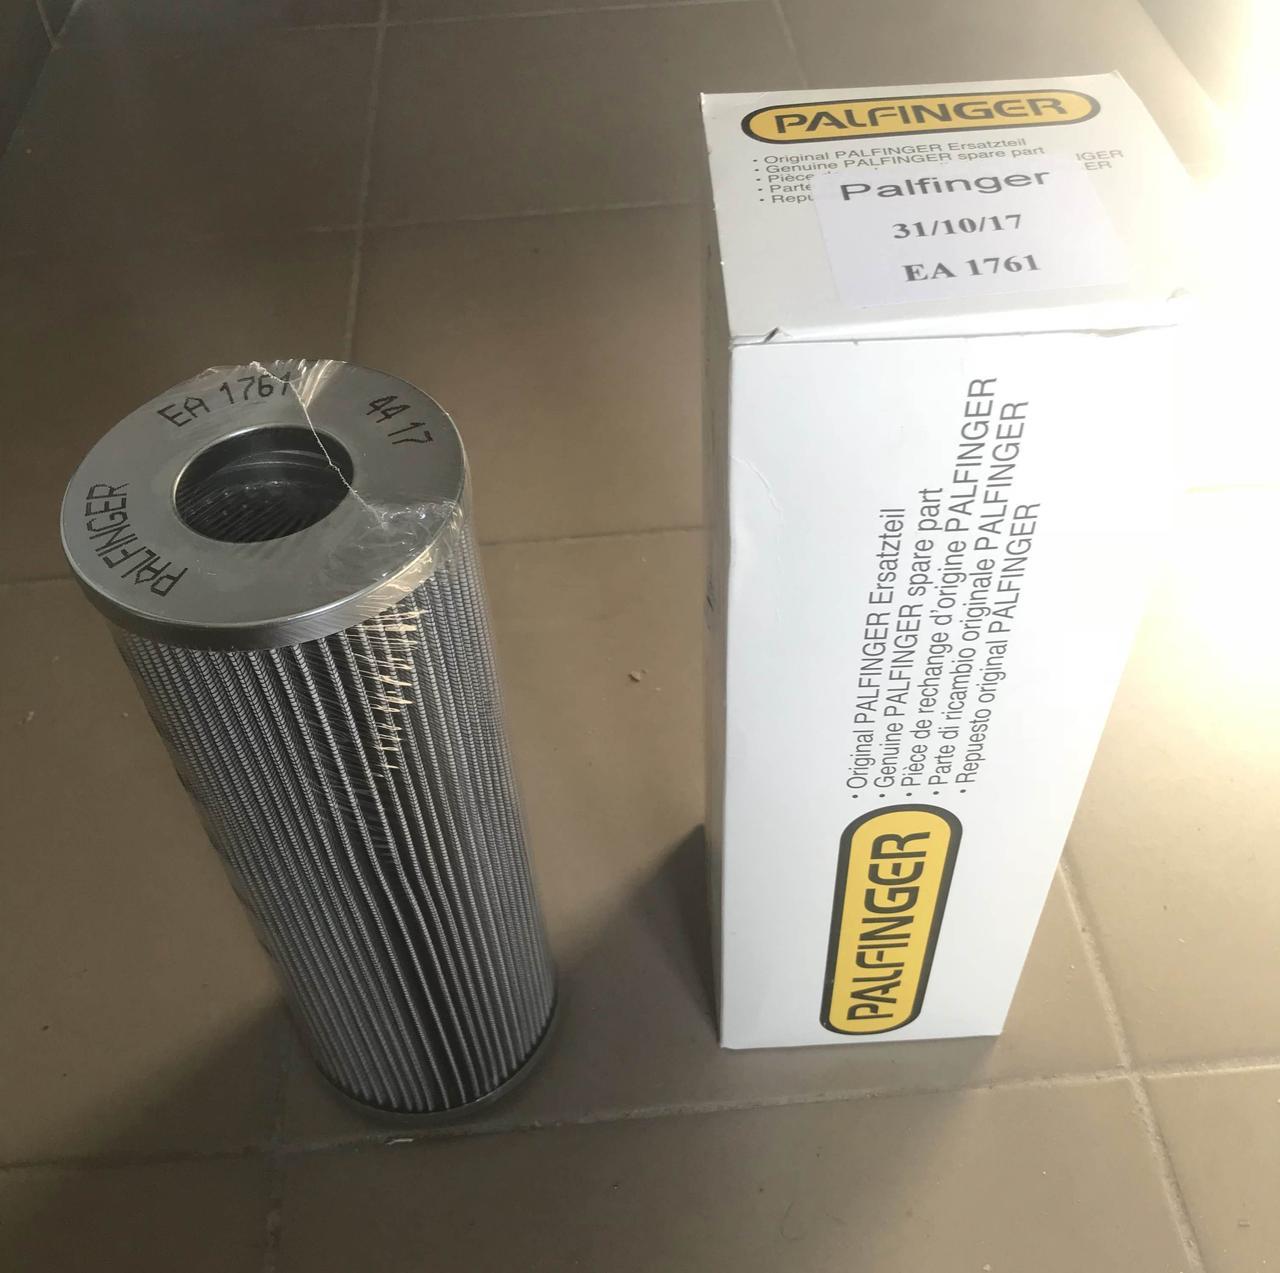 Фильтр сливной ЕА 1761 для КМУ Palfinger